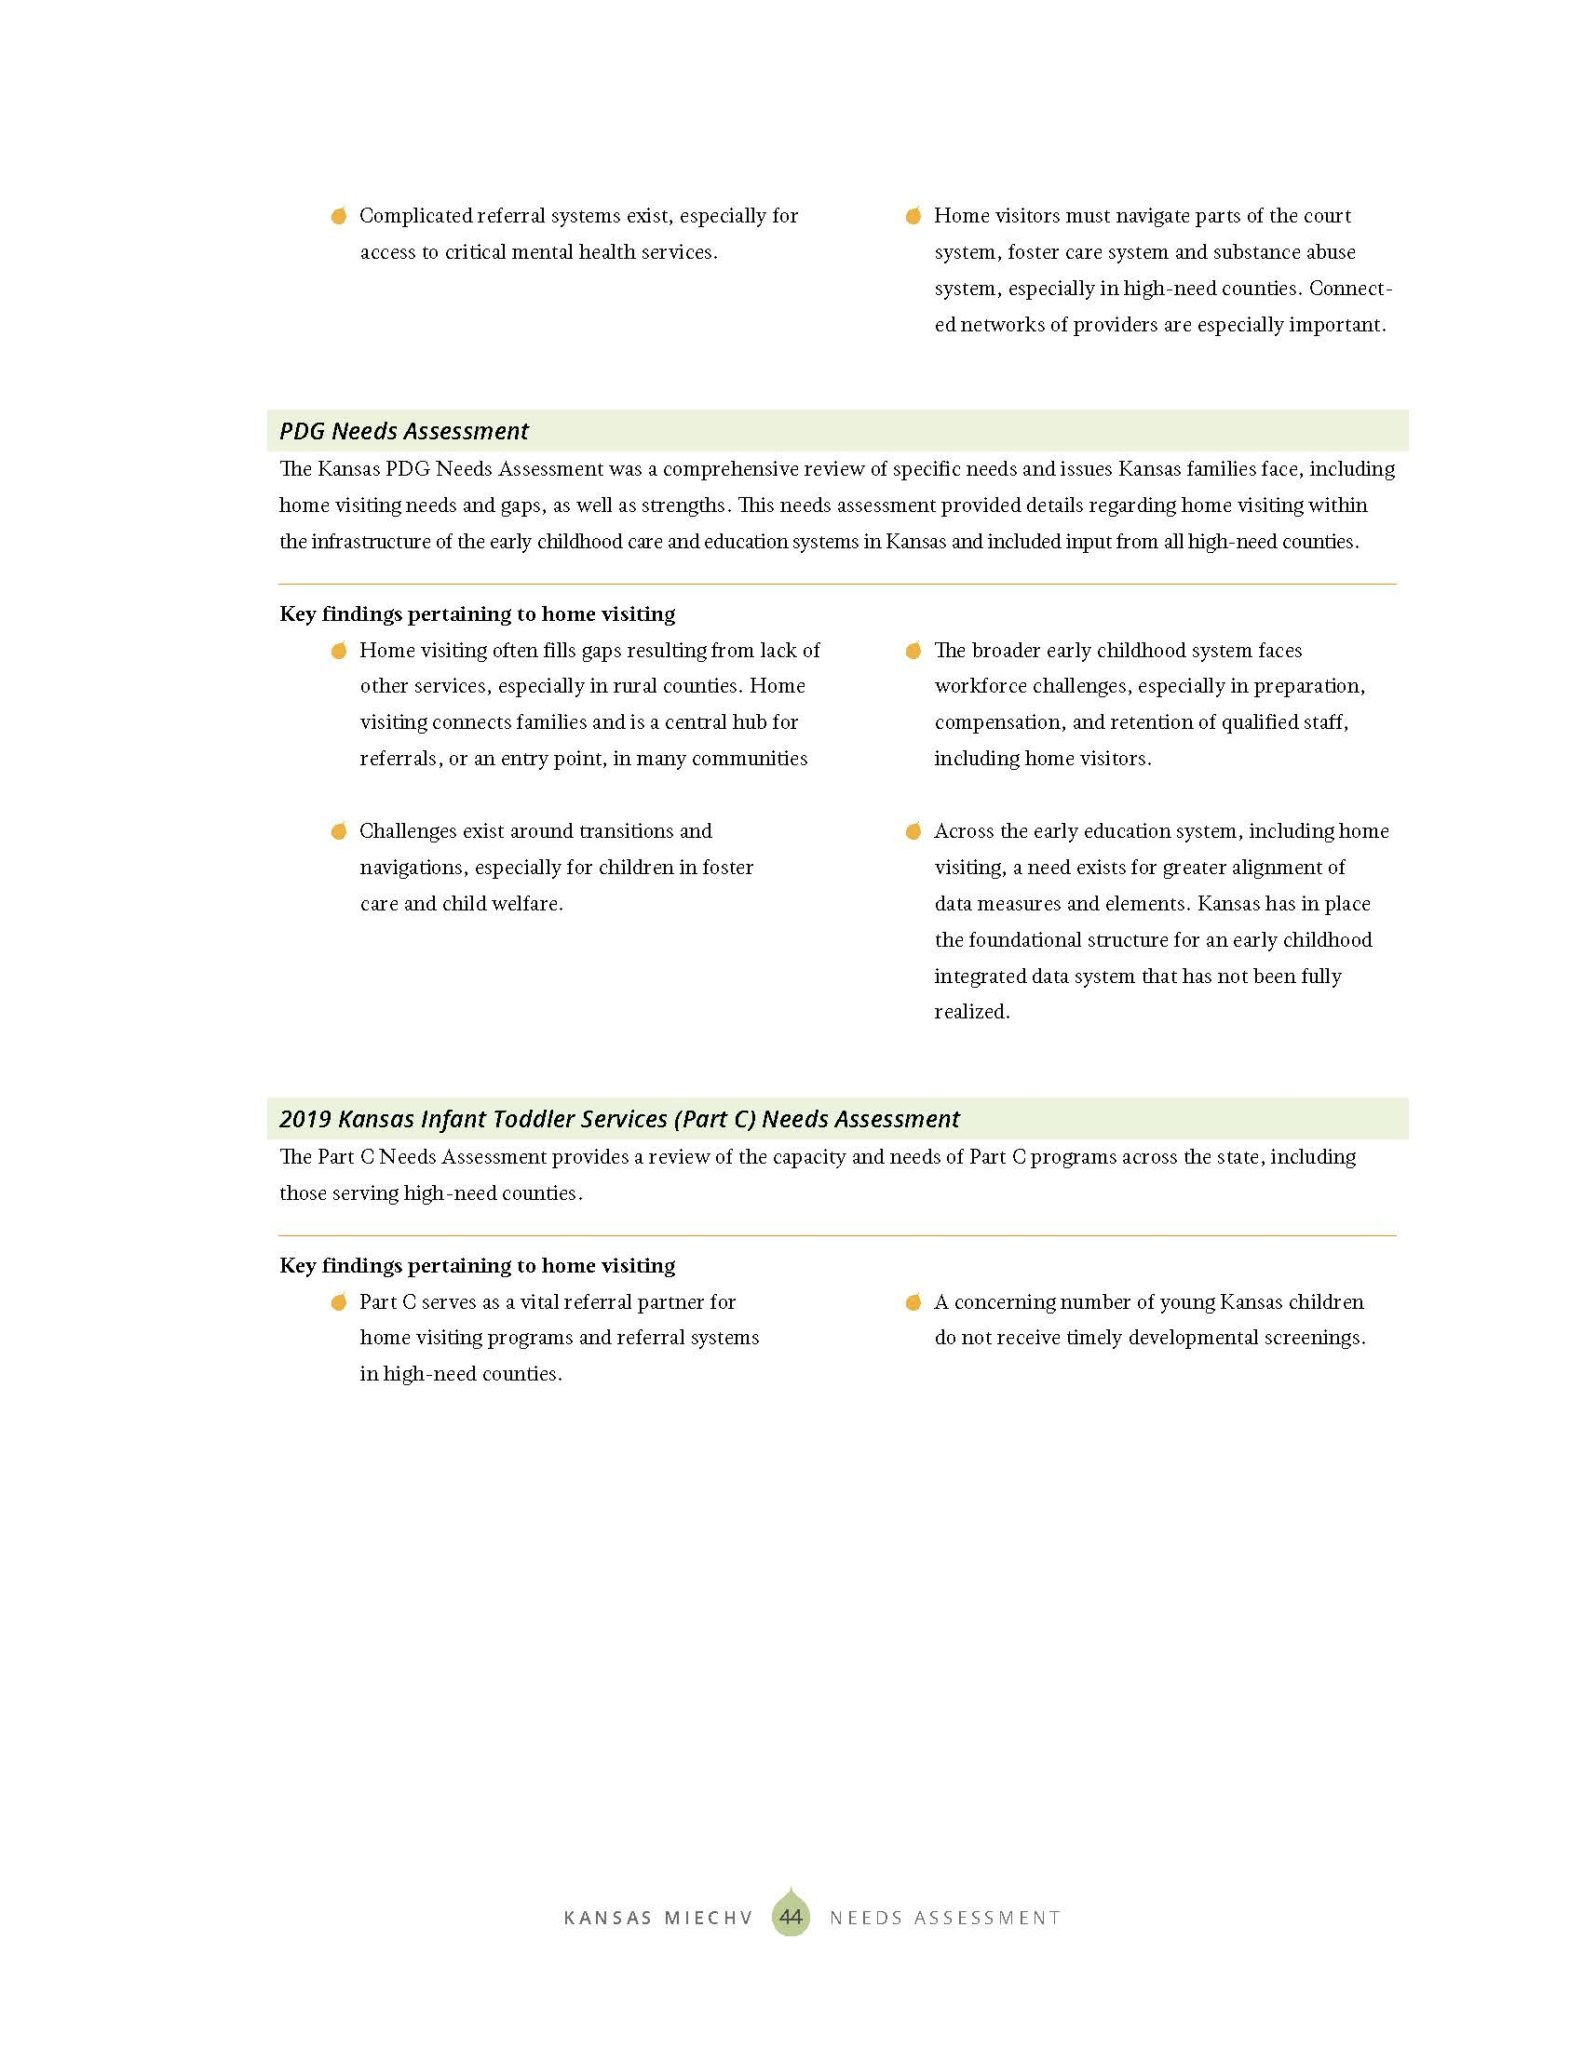 KS MIECHV 2020 Needs Assessment_DIGITAL_Page_052